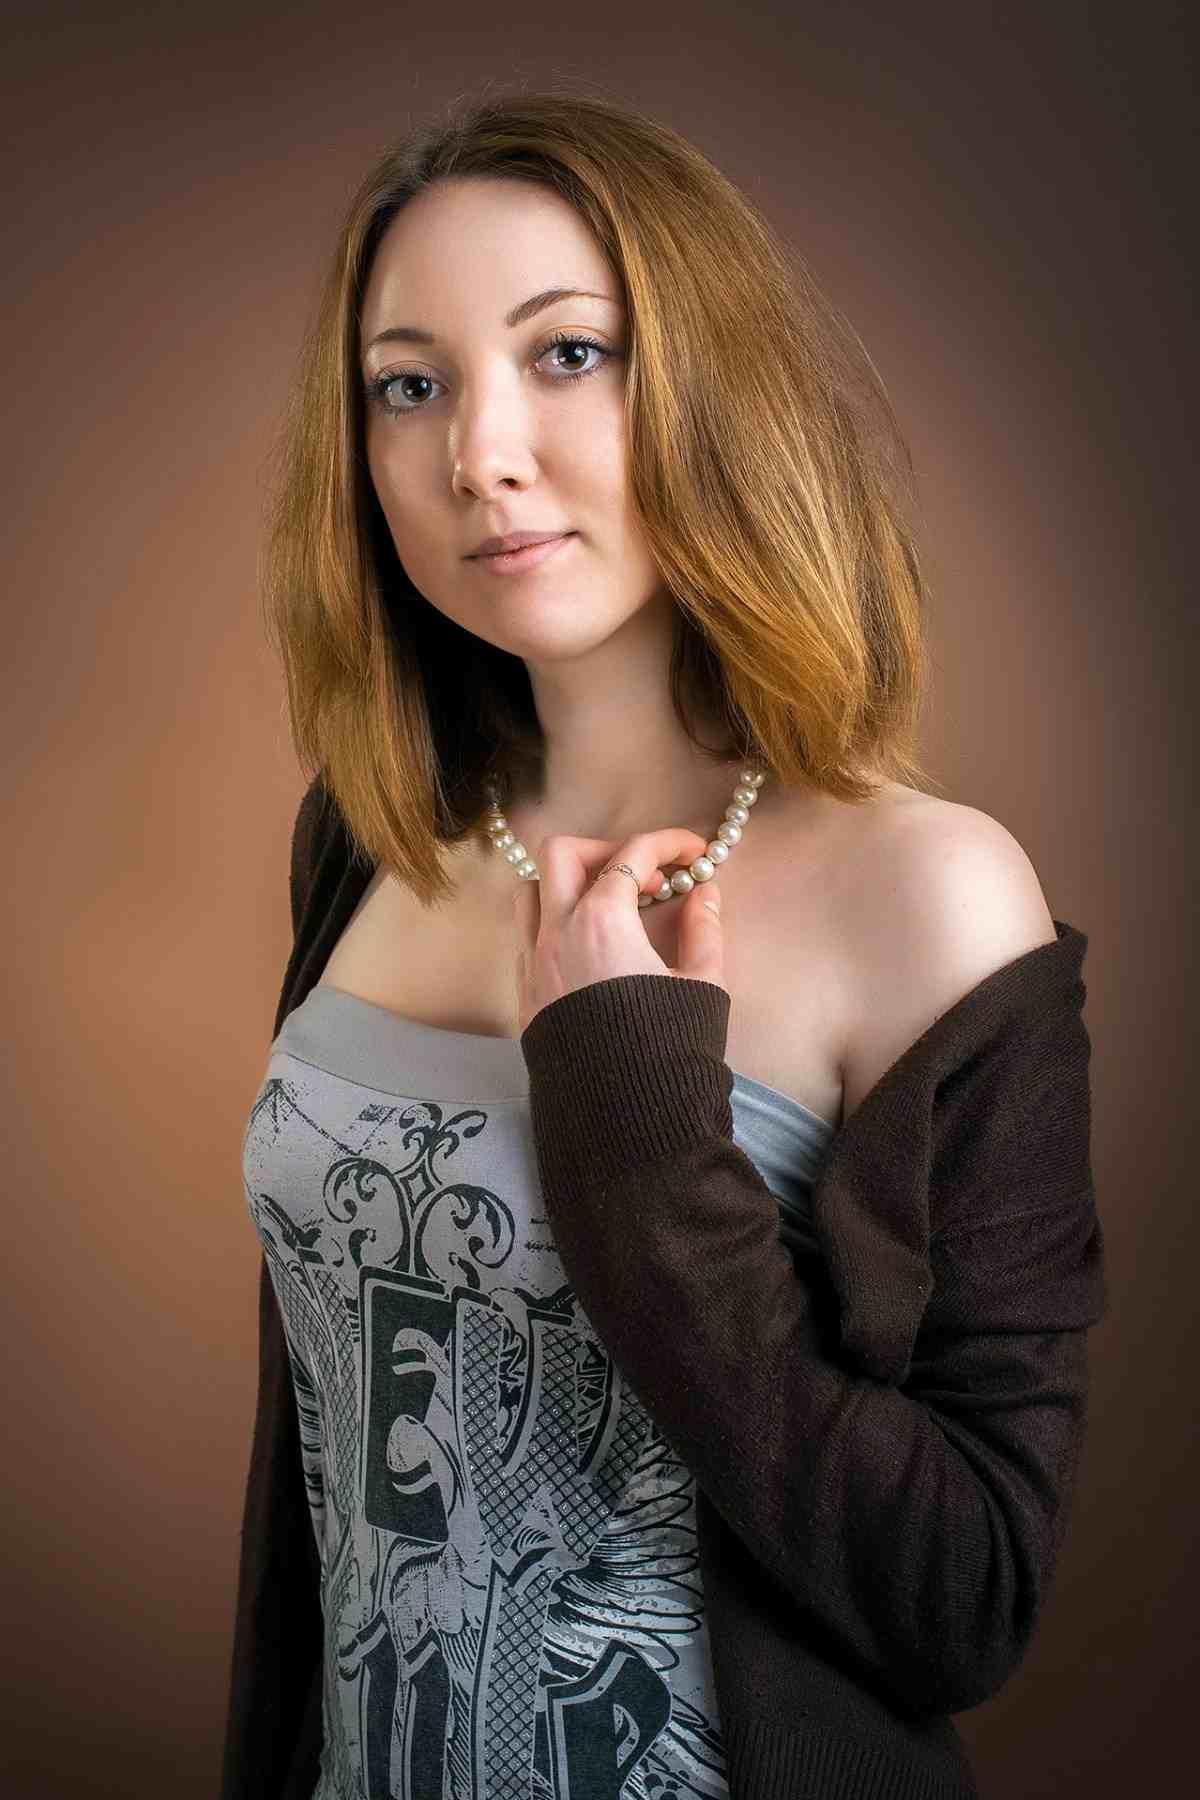 Ambermarie